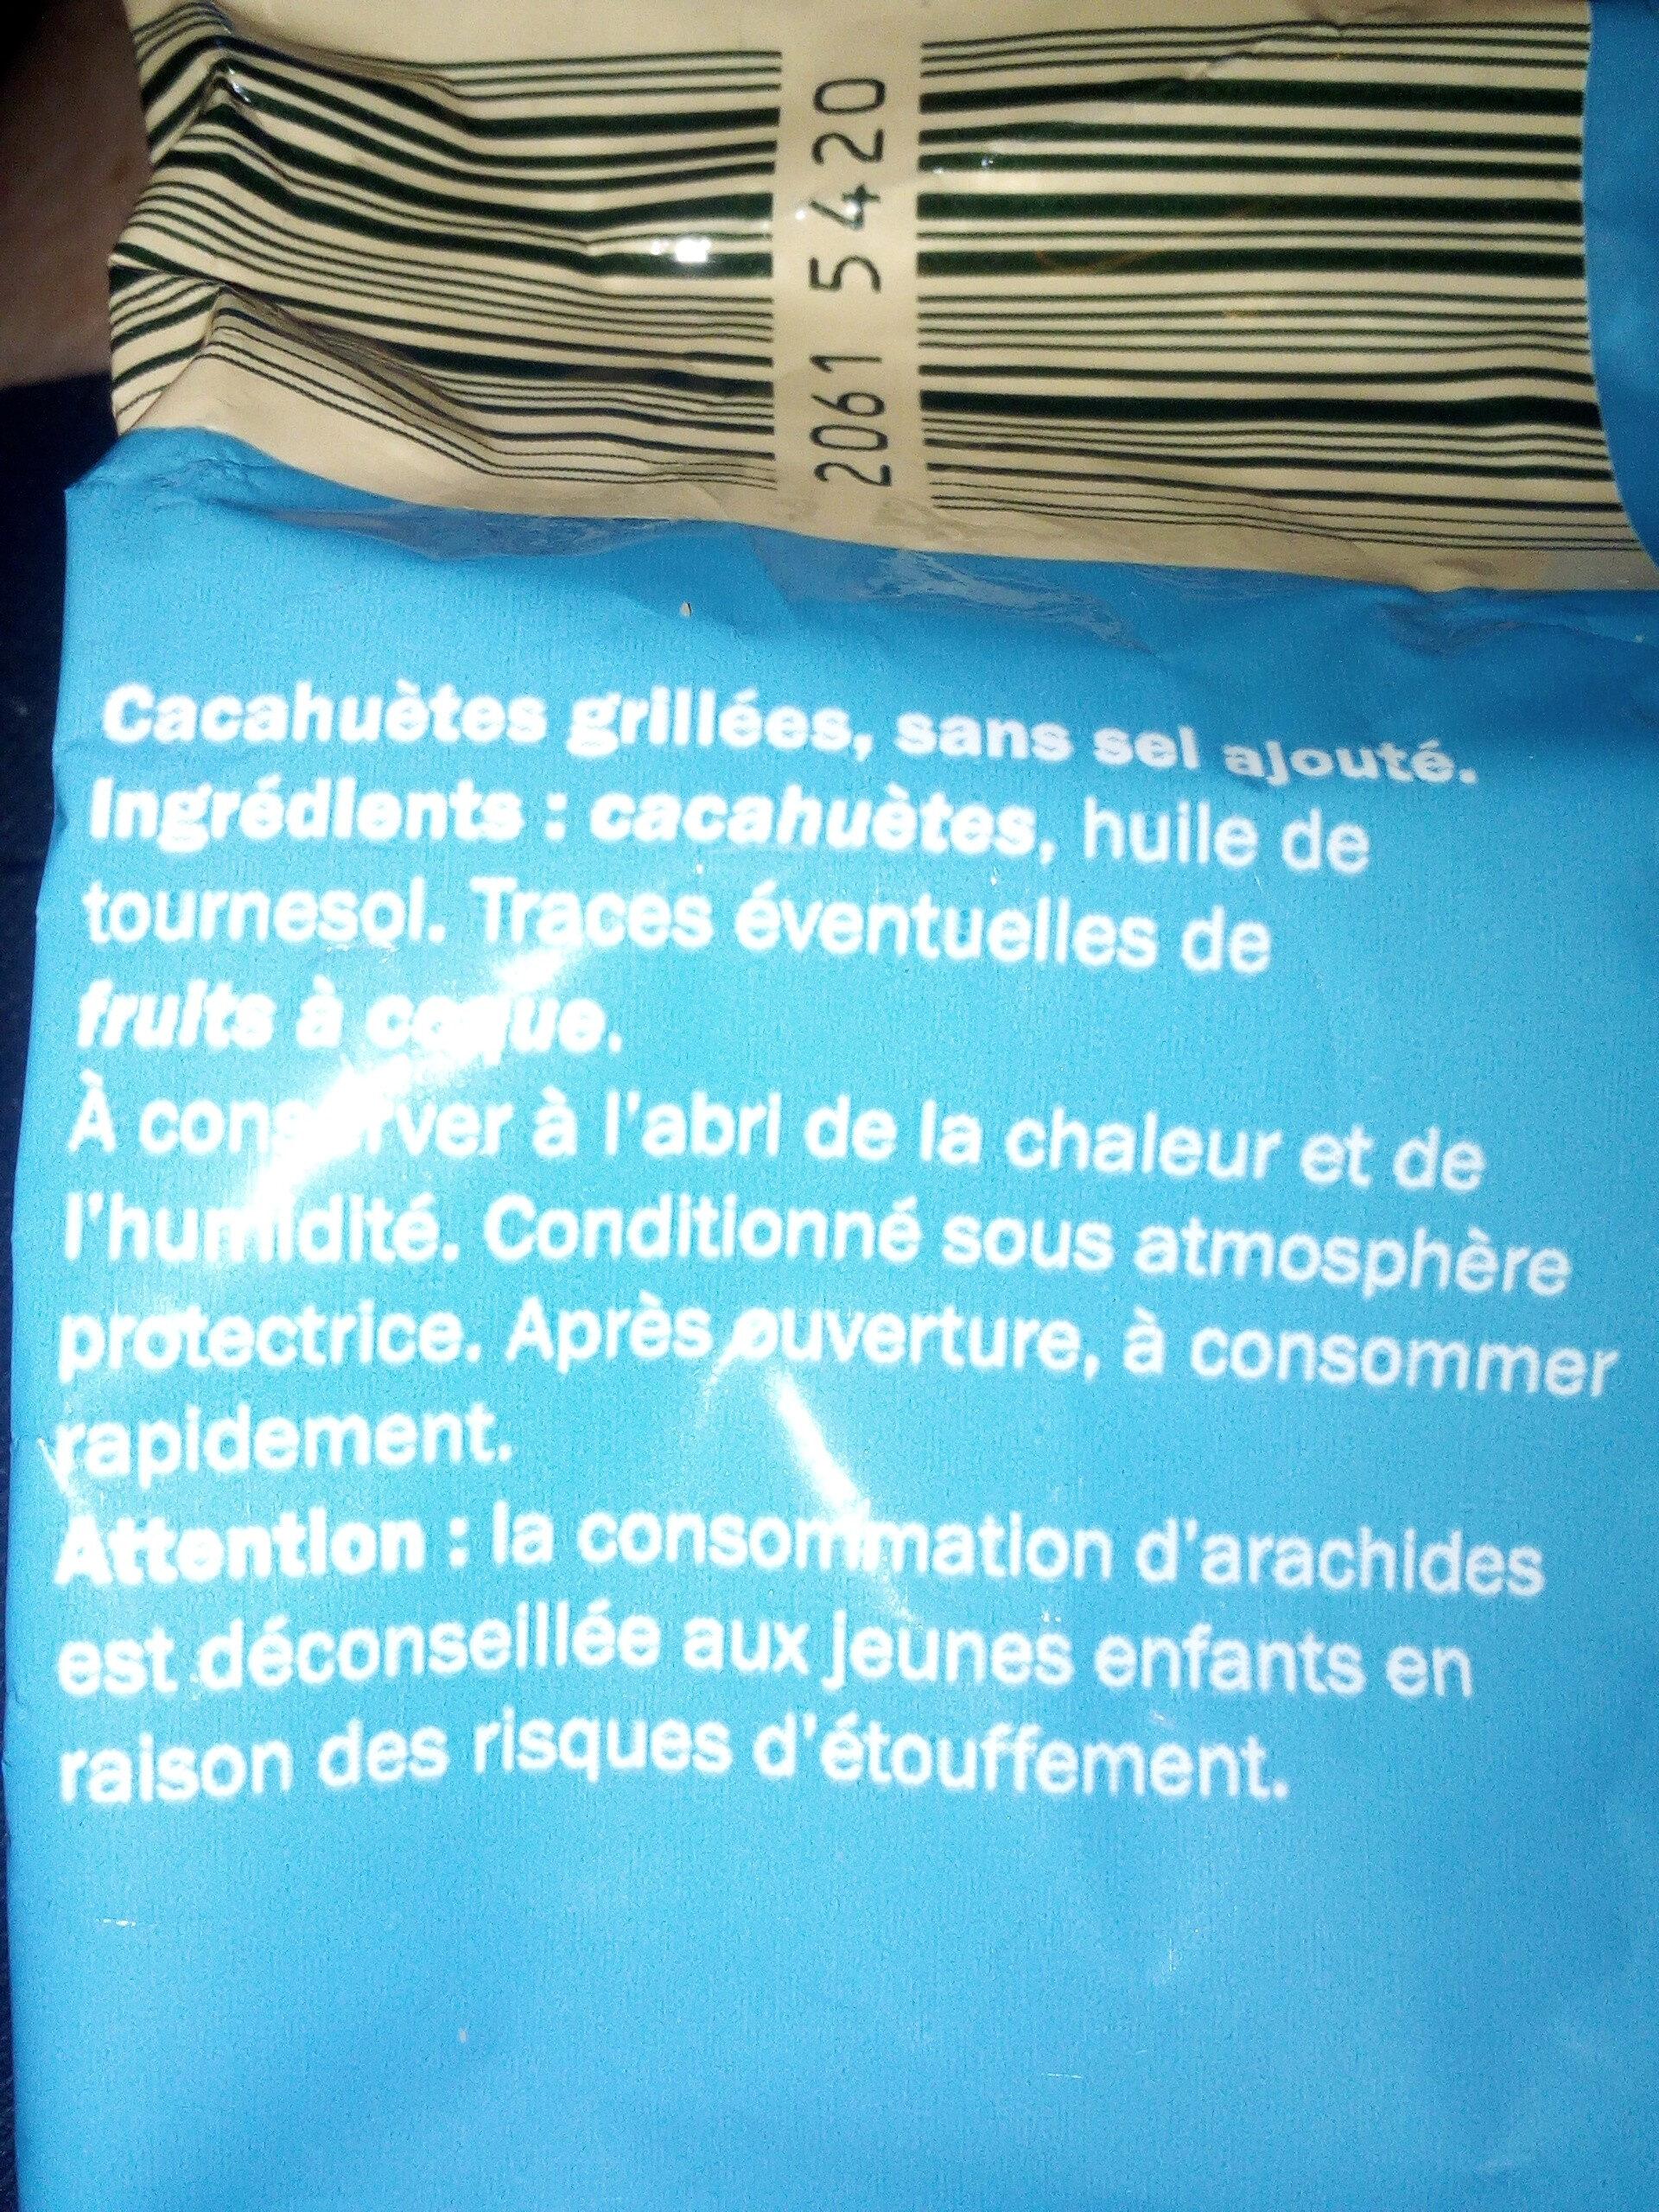 Cacahuètes grillées sans sel ajouté - Ingredients - fr